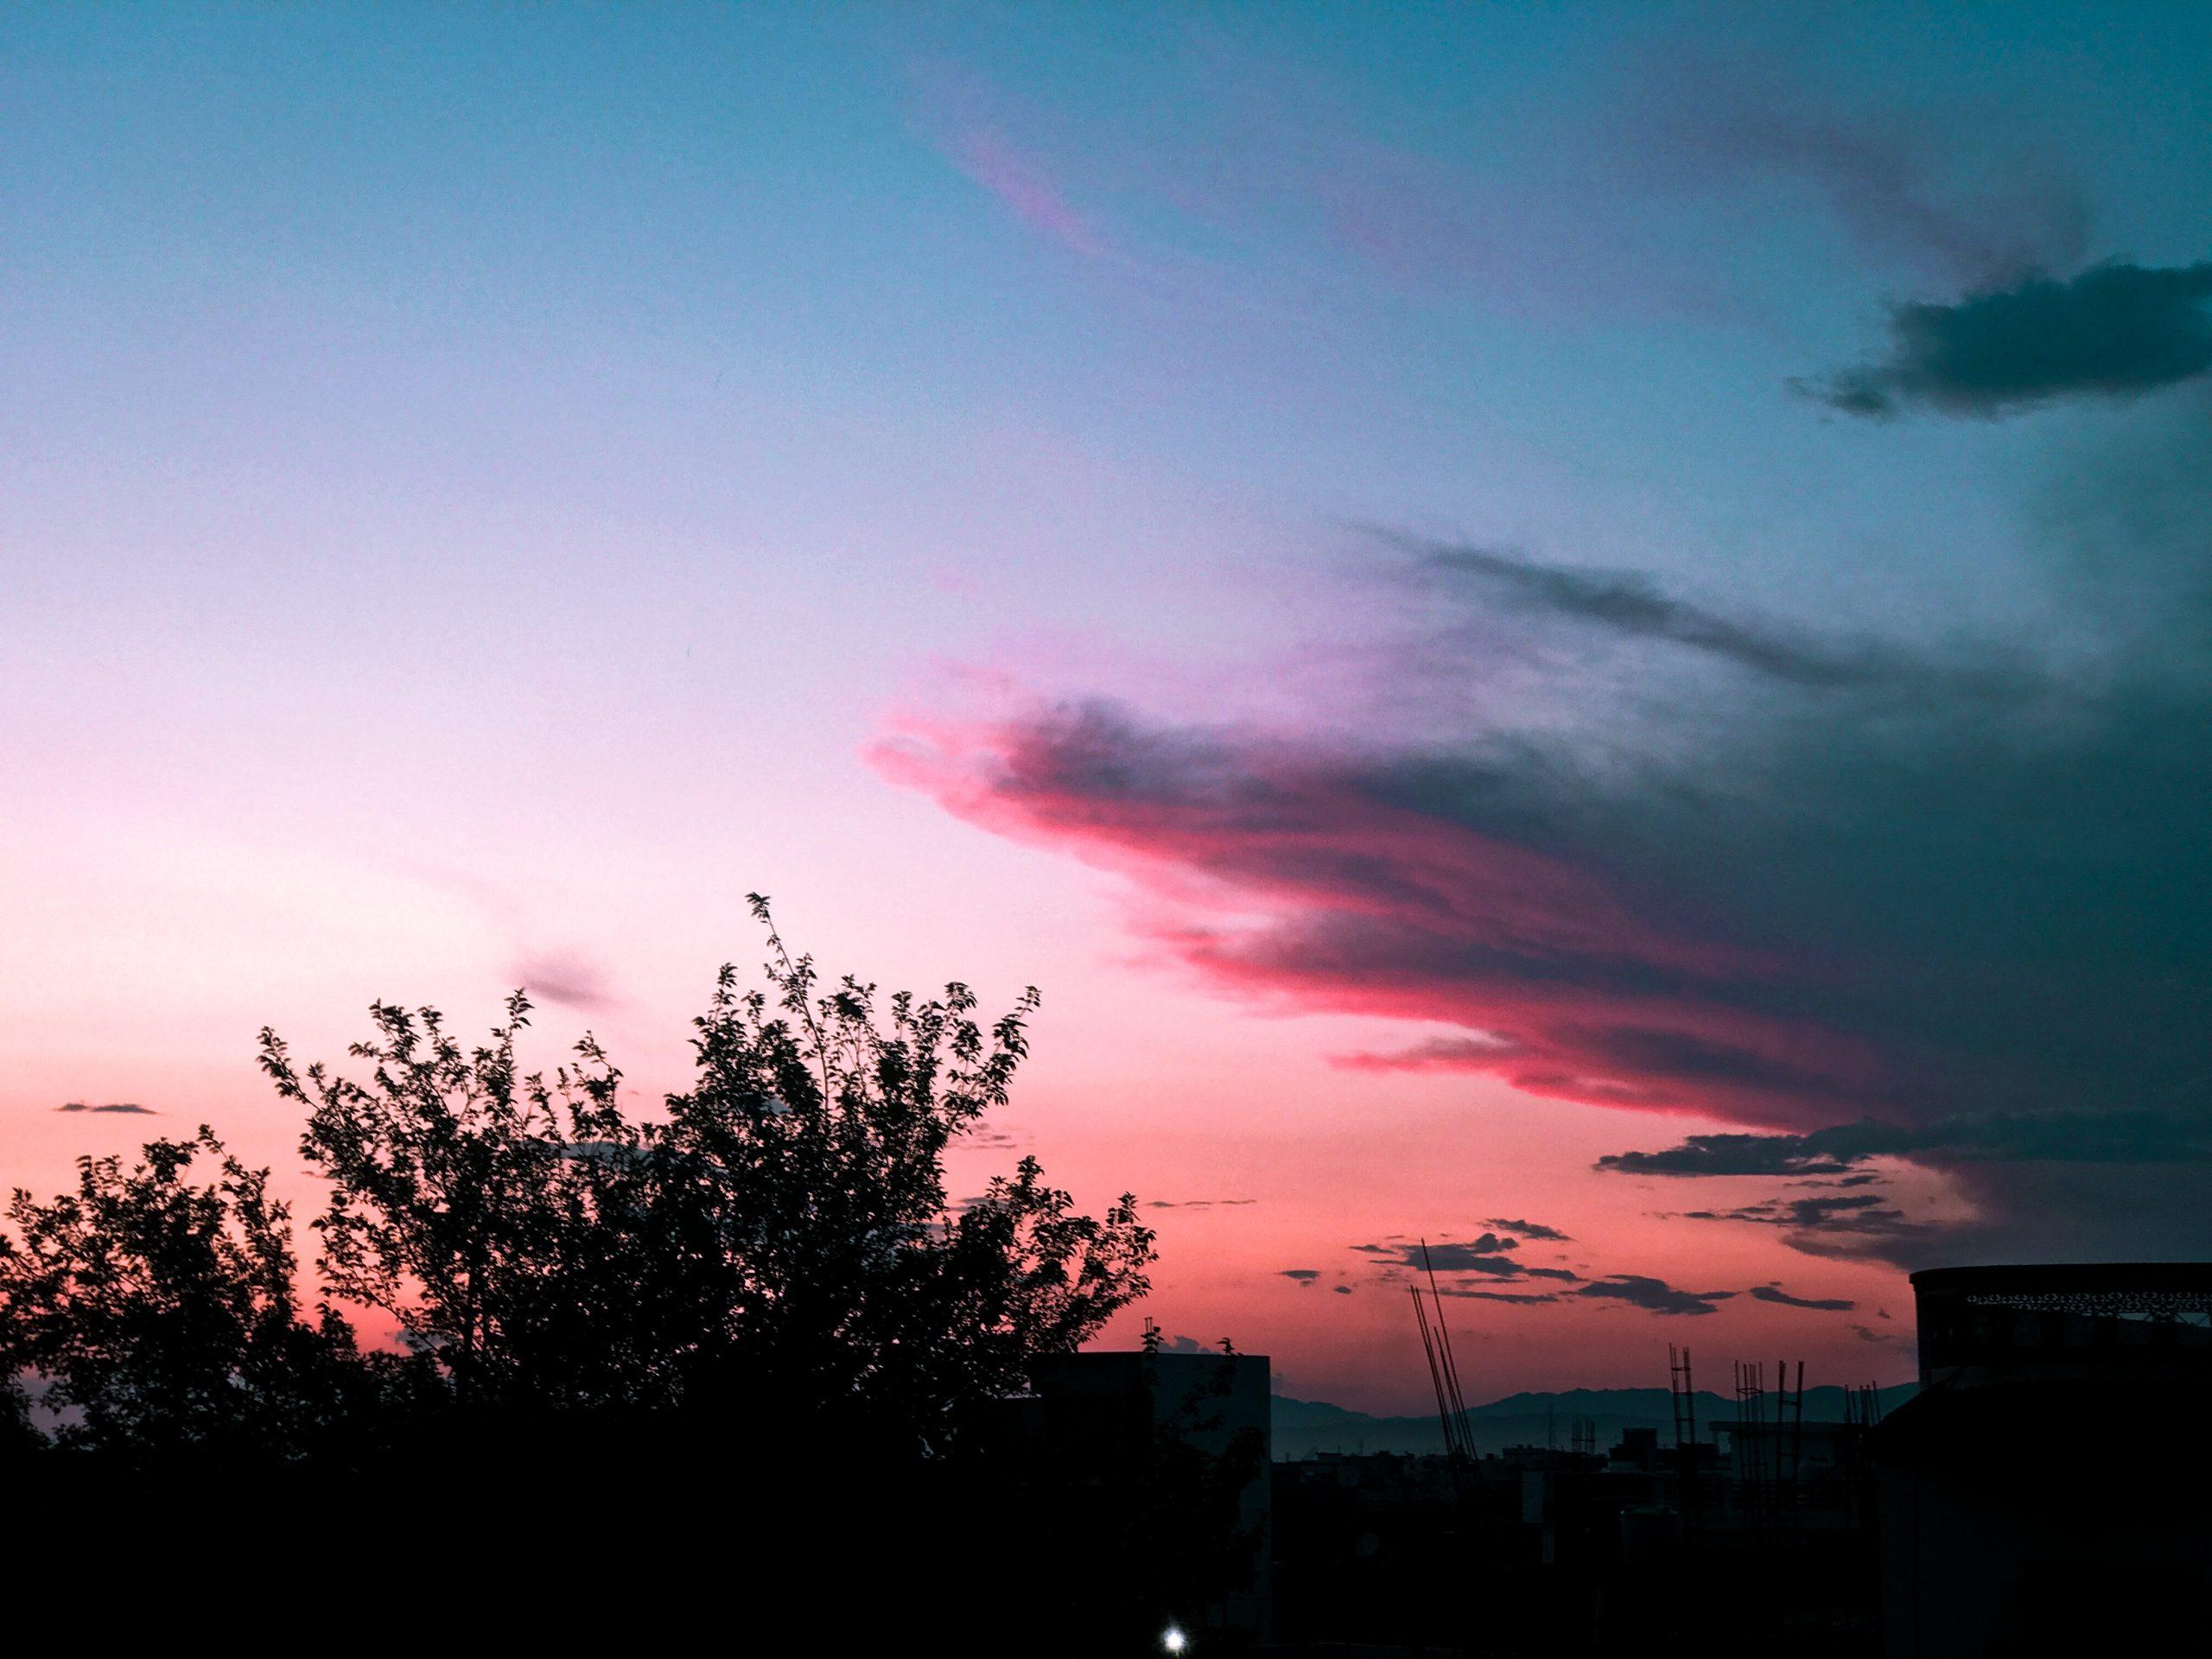 A beautiful sunset image